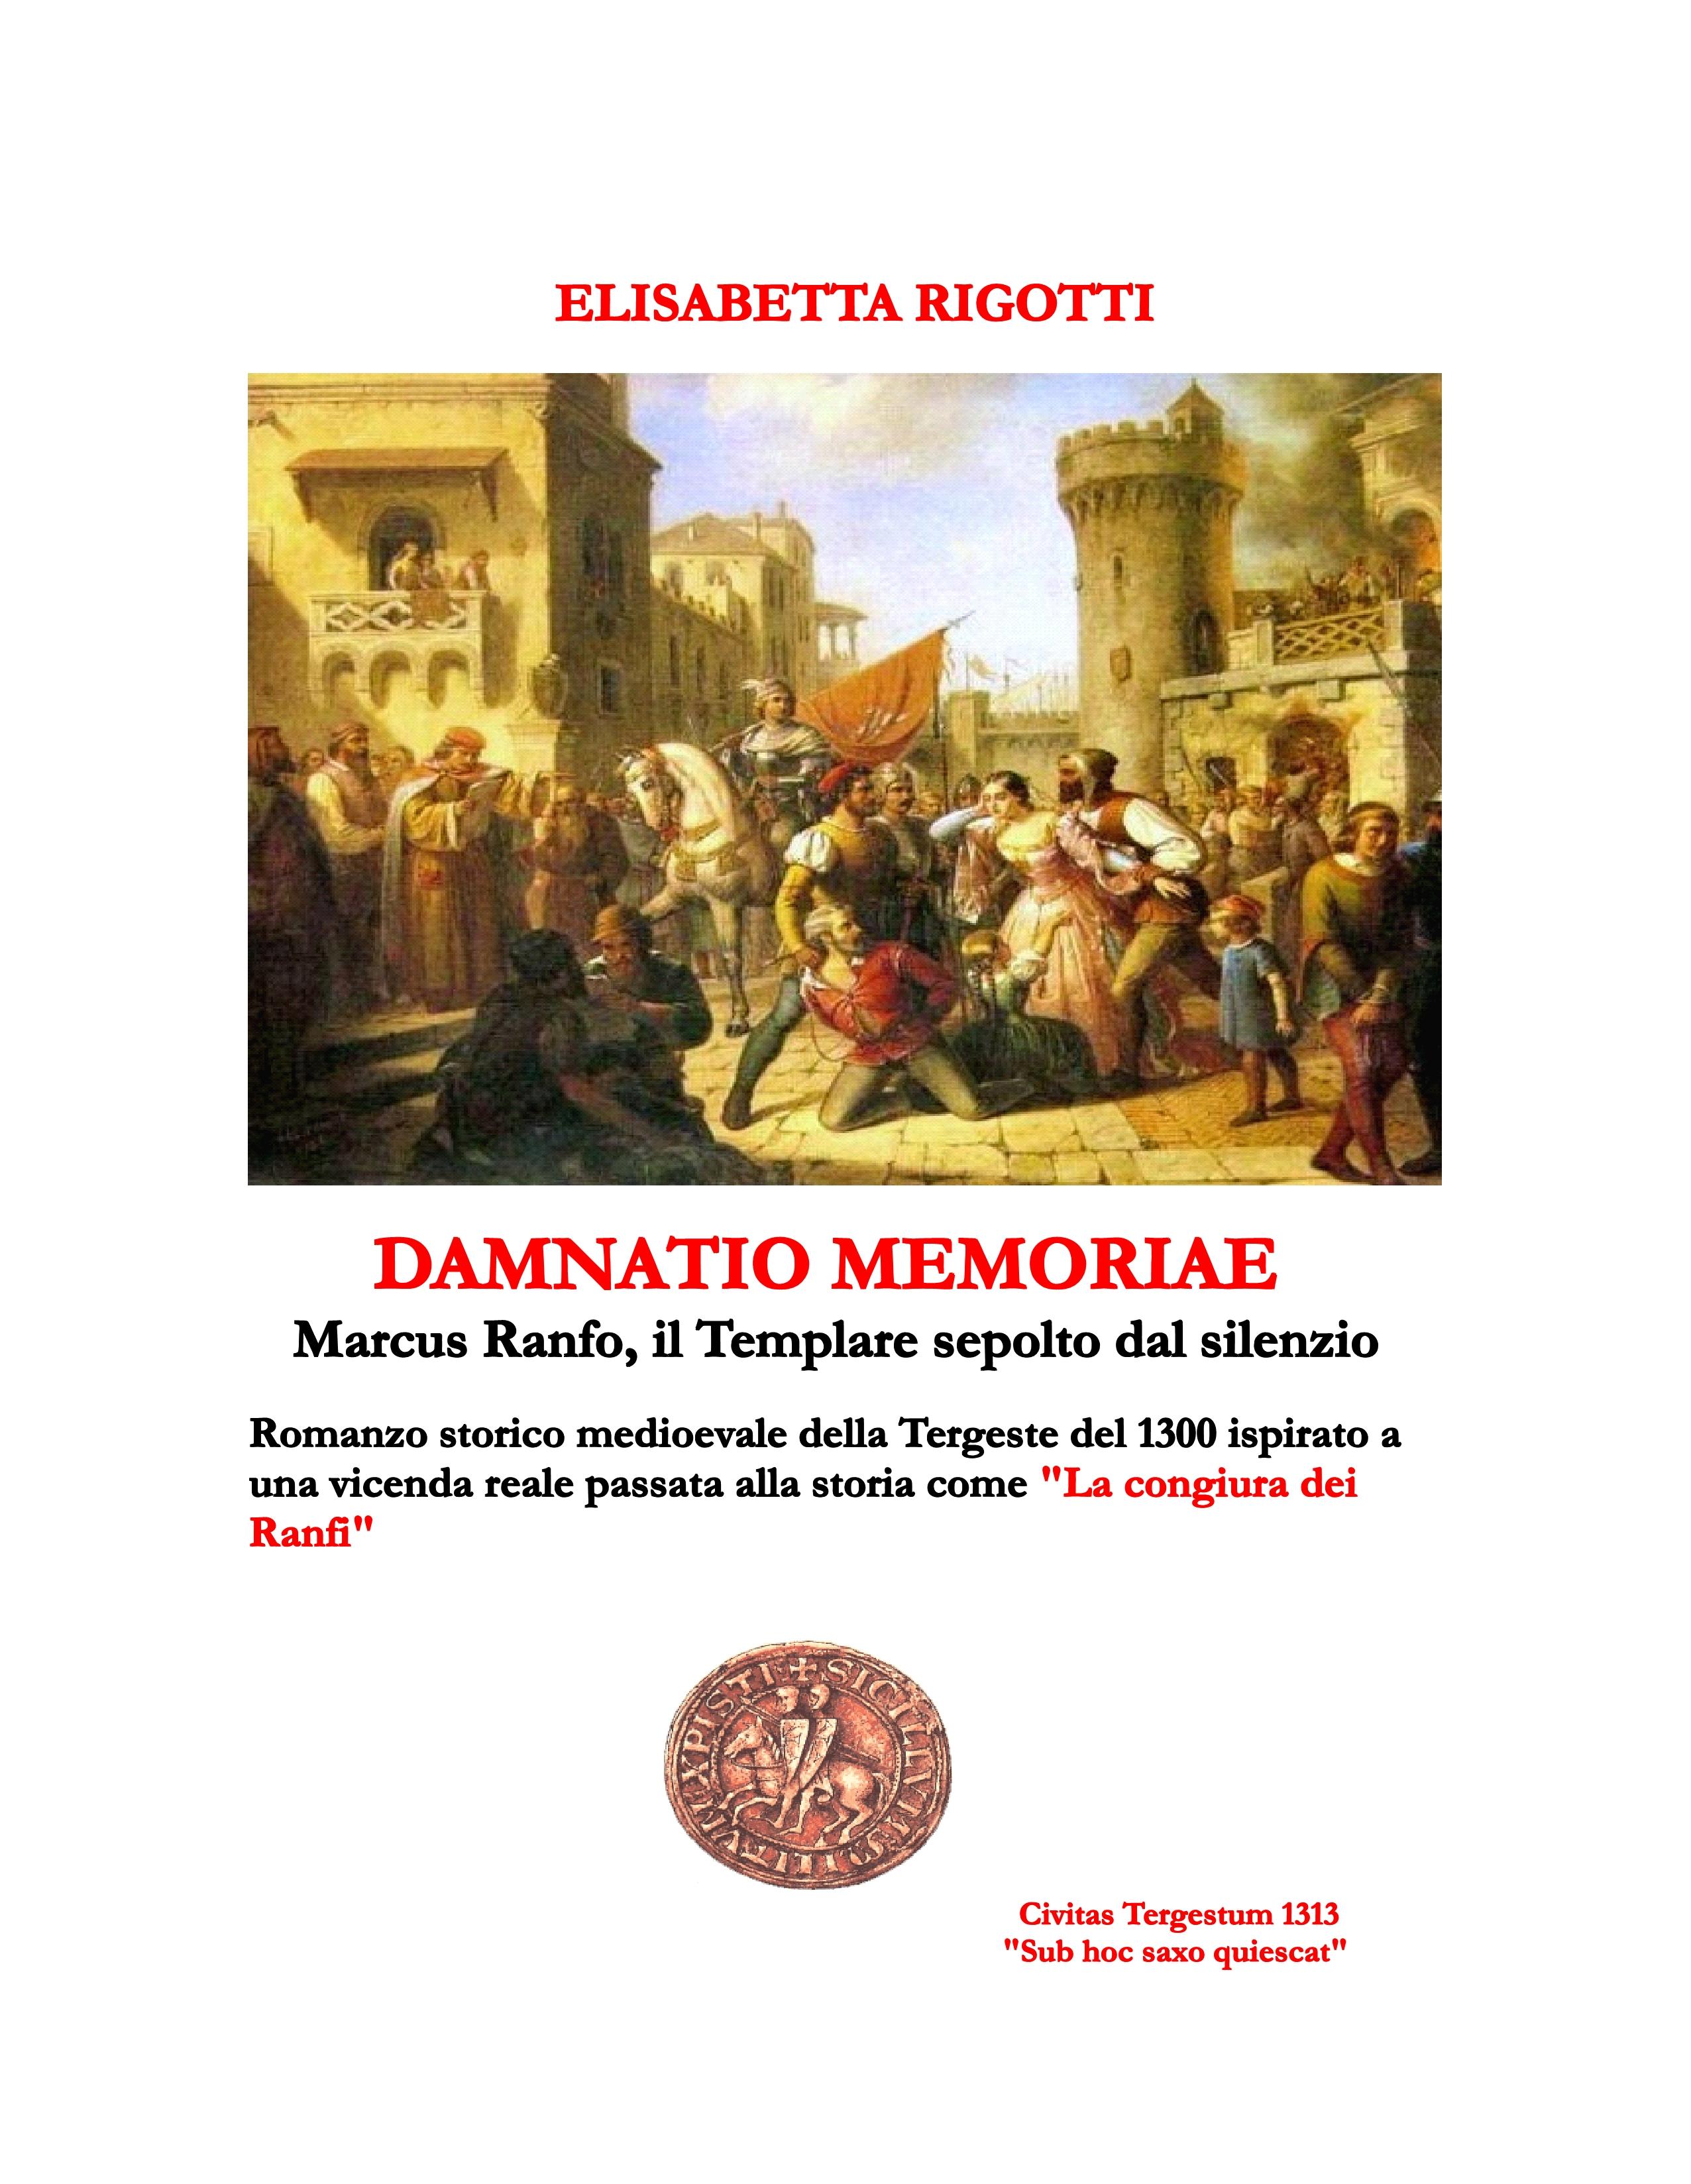 Copertina Damnatio Memoriae1